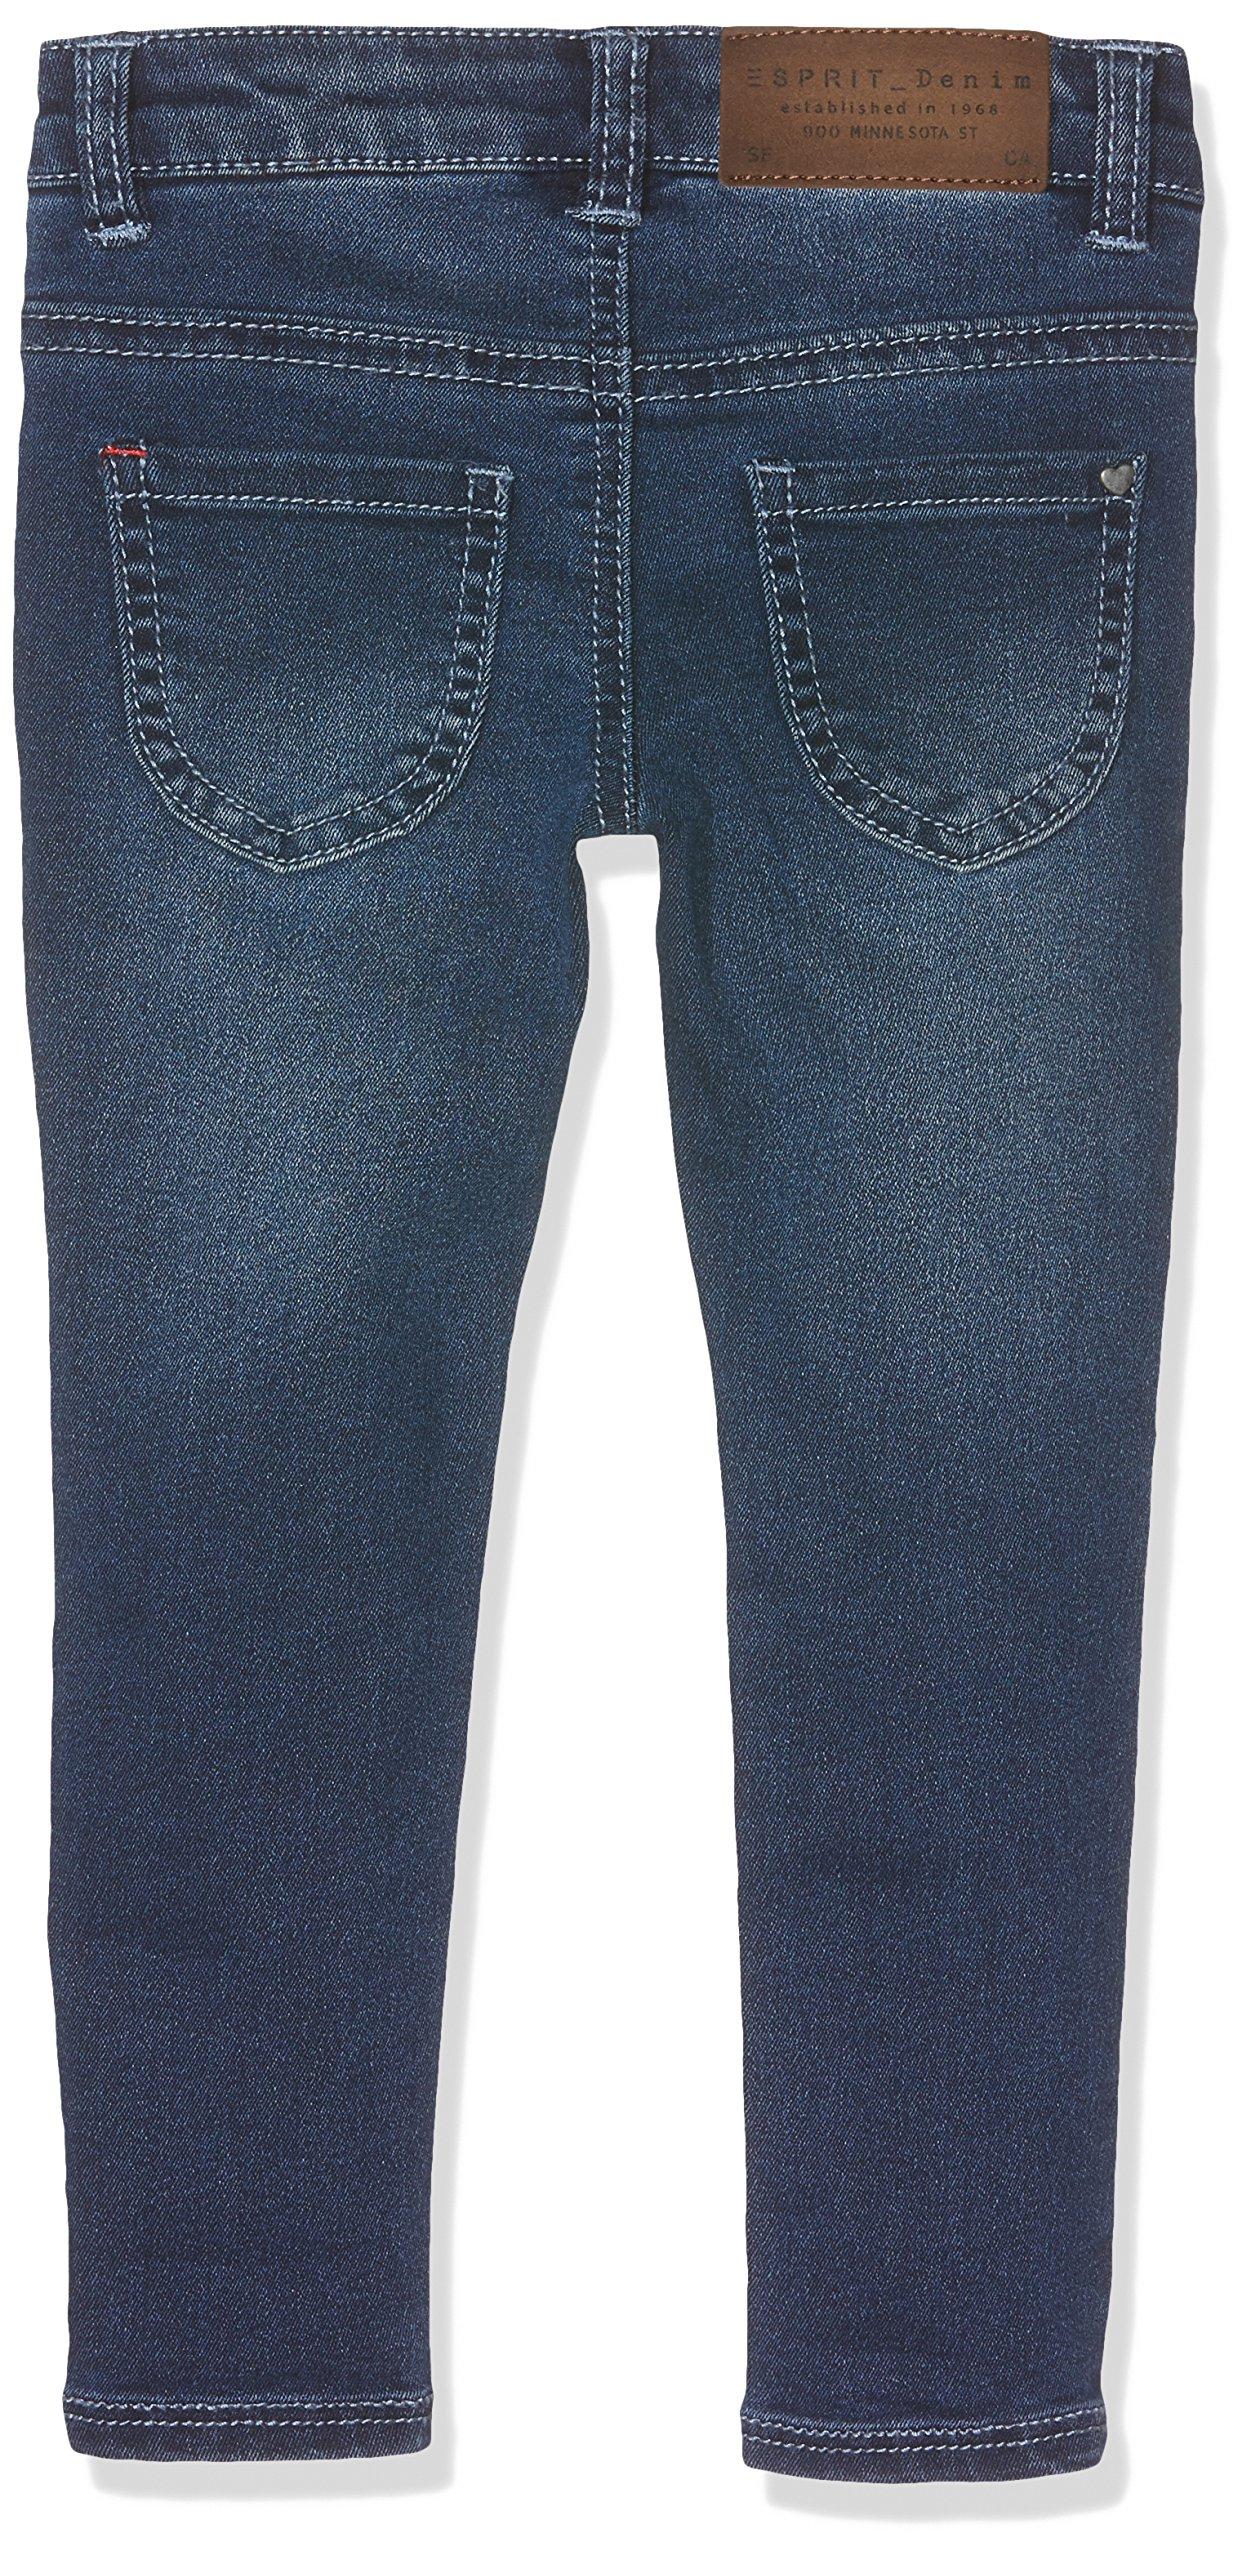 Esprit Kids Fare Pantalones para Niñas